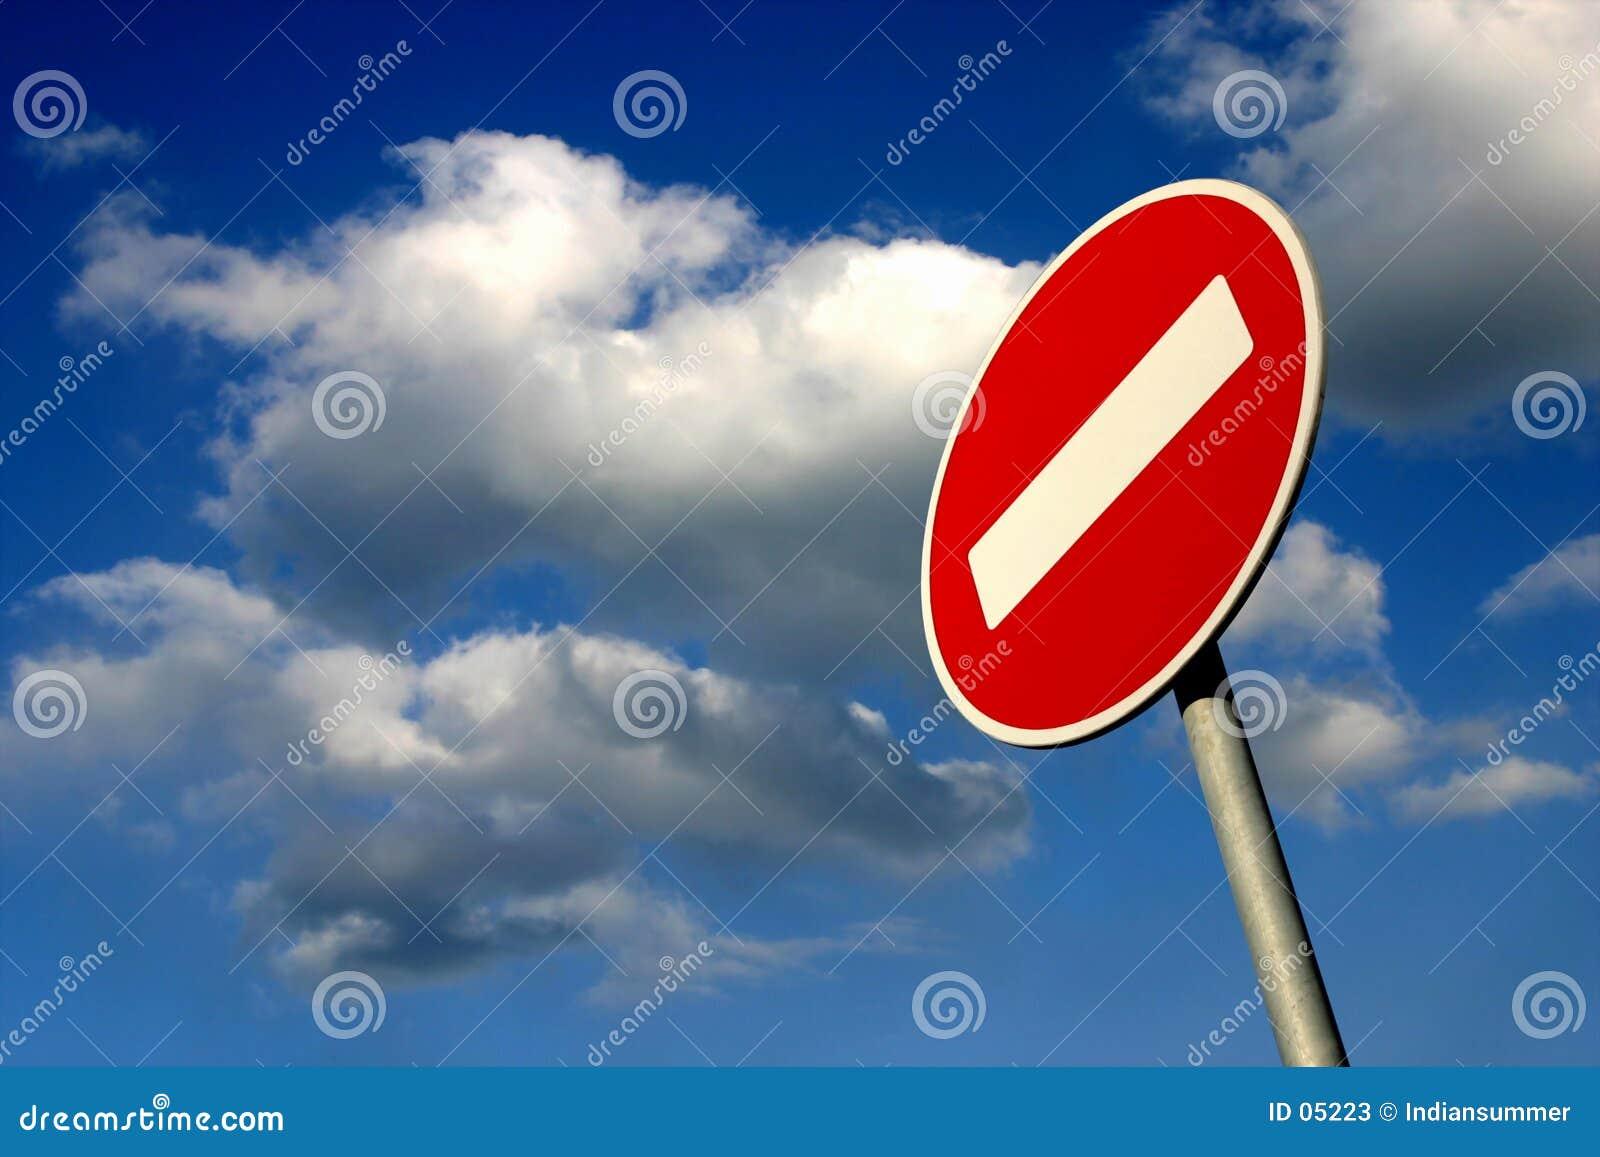 απαγορευμένη κυκλοφορία